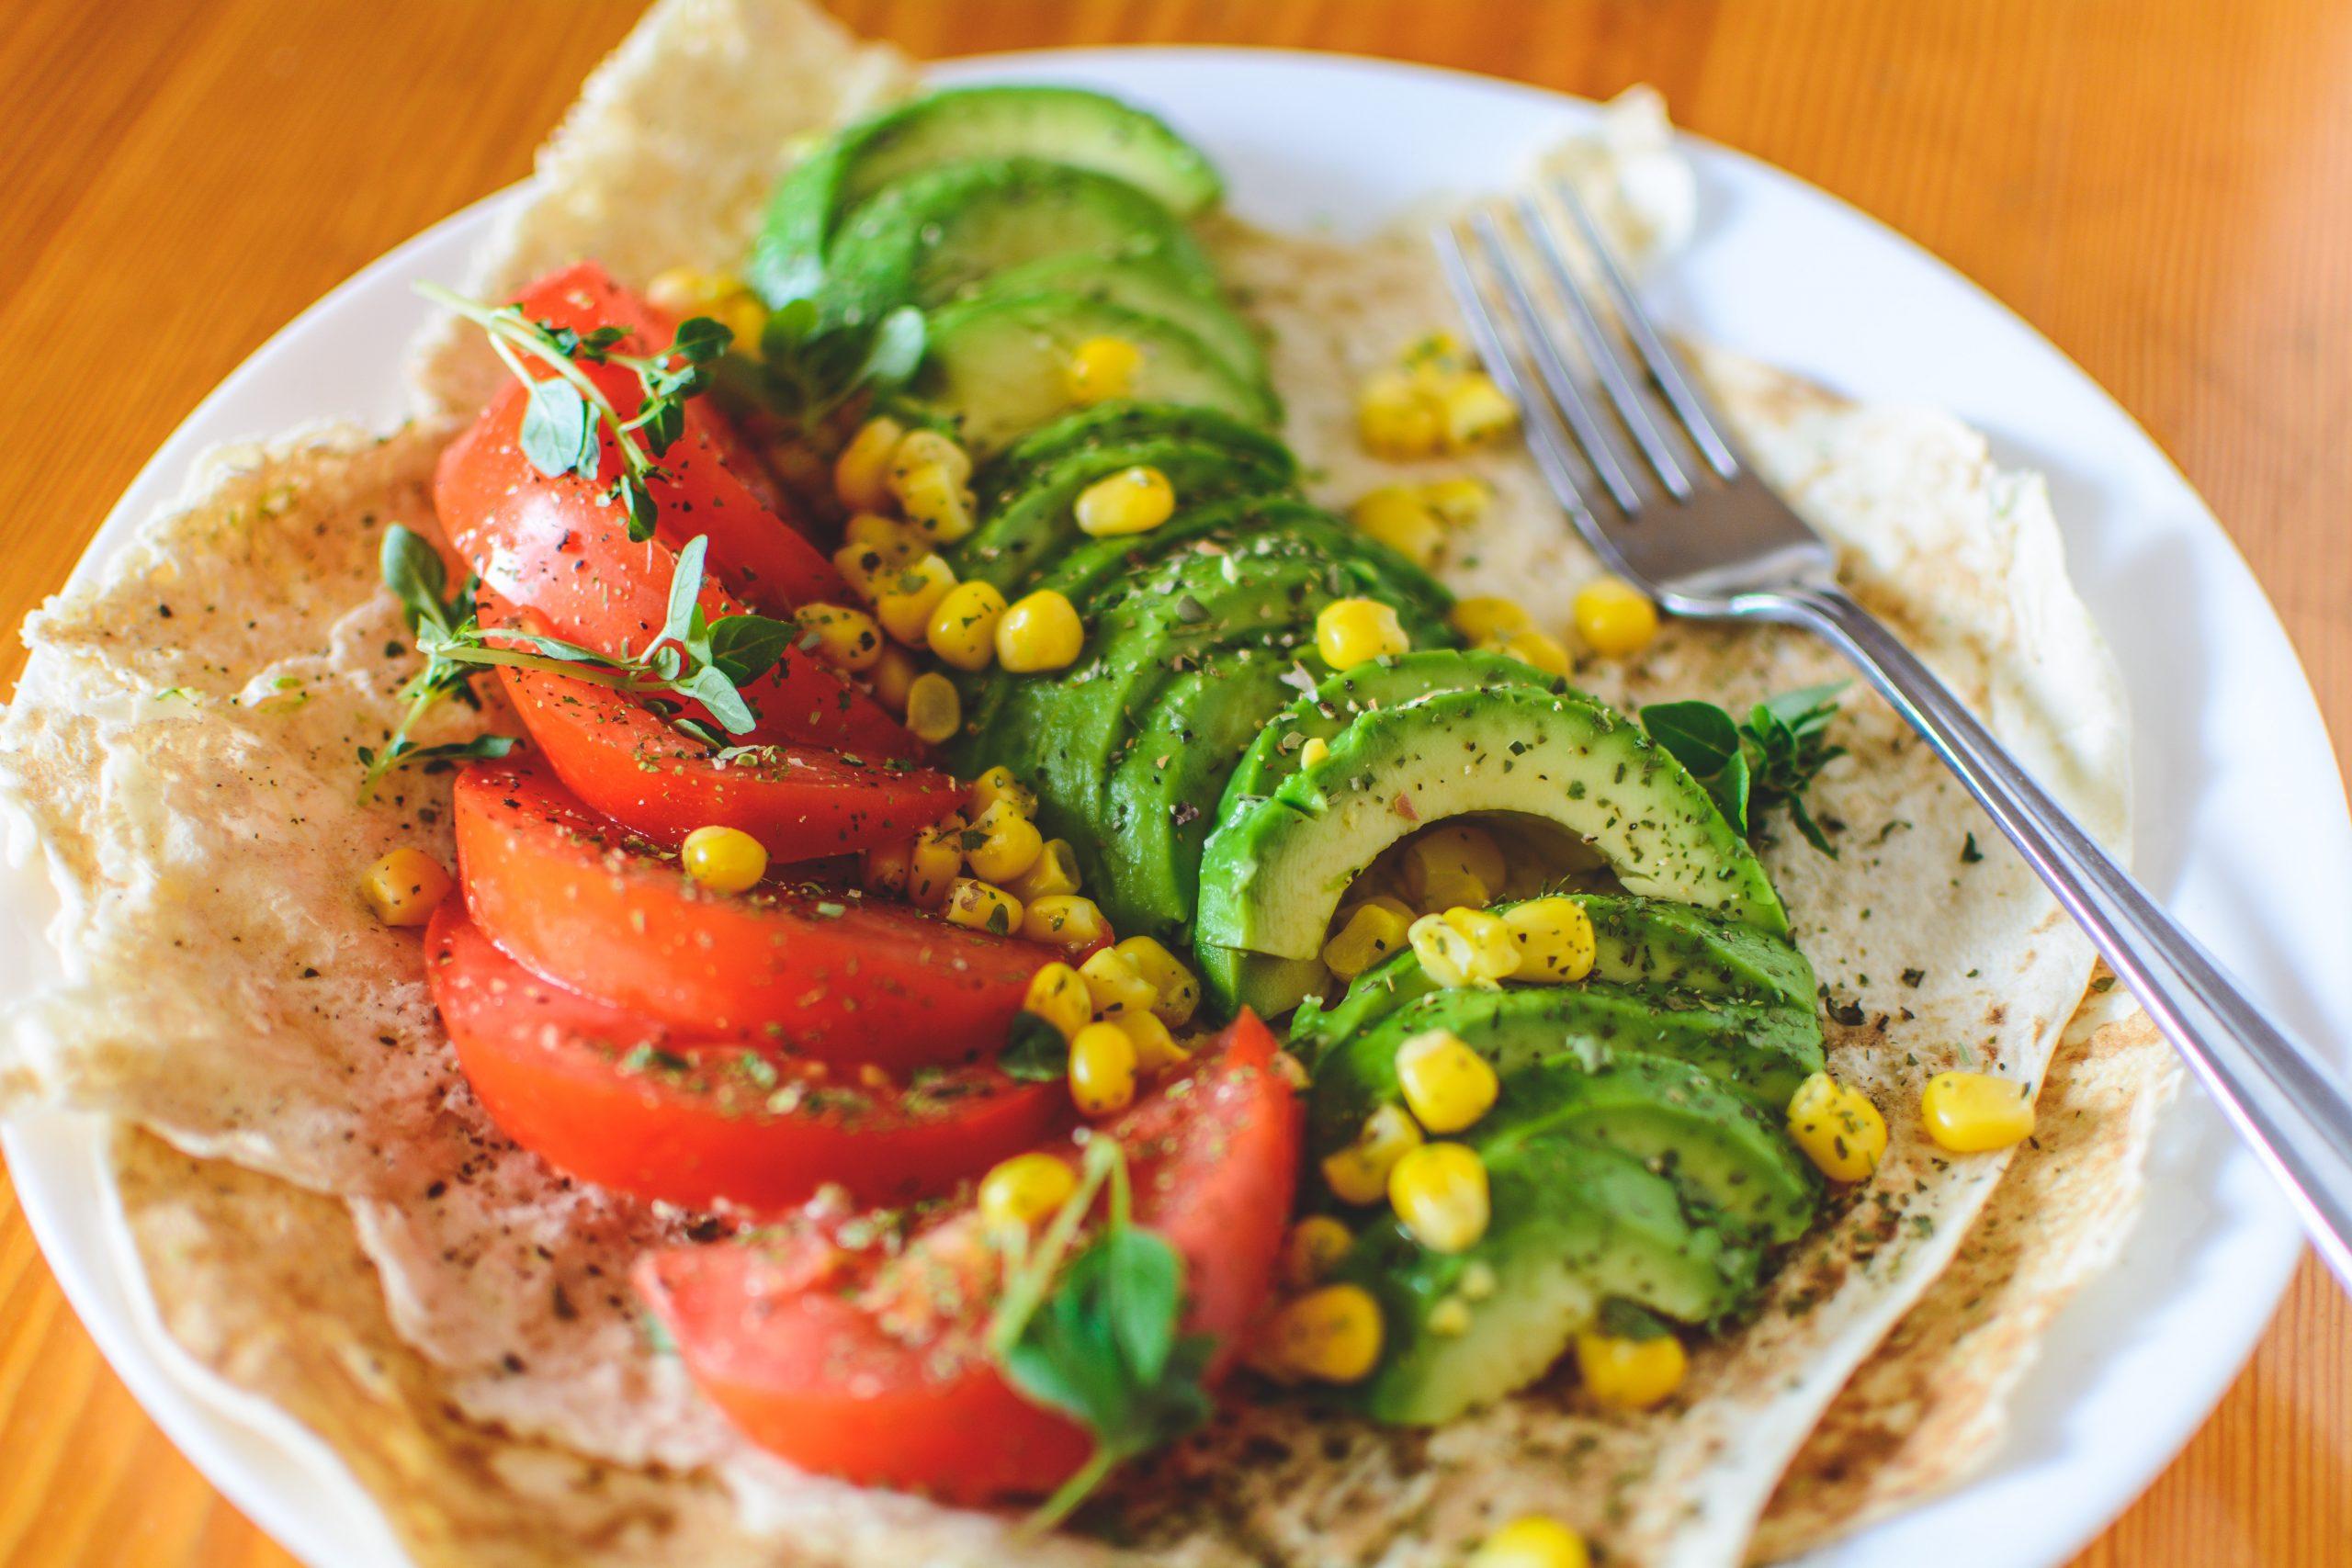 Nuevas Corrientes de Alimentación: Veganismo y Vegetarianismo